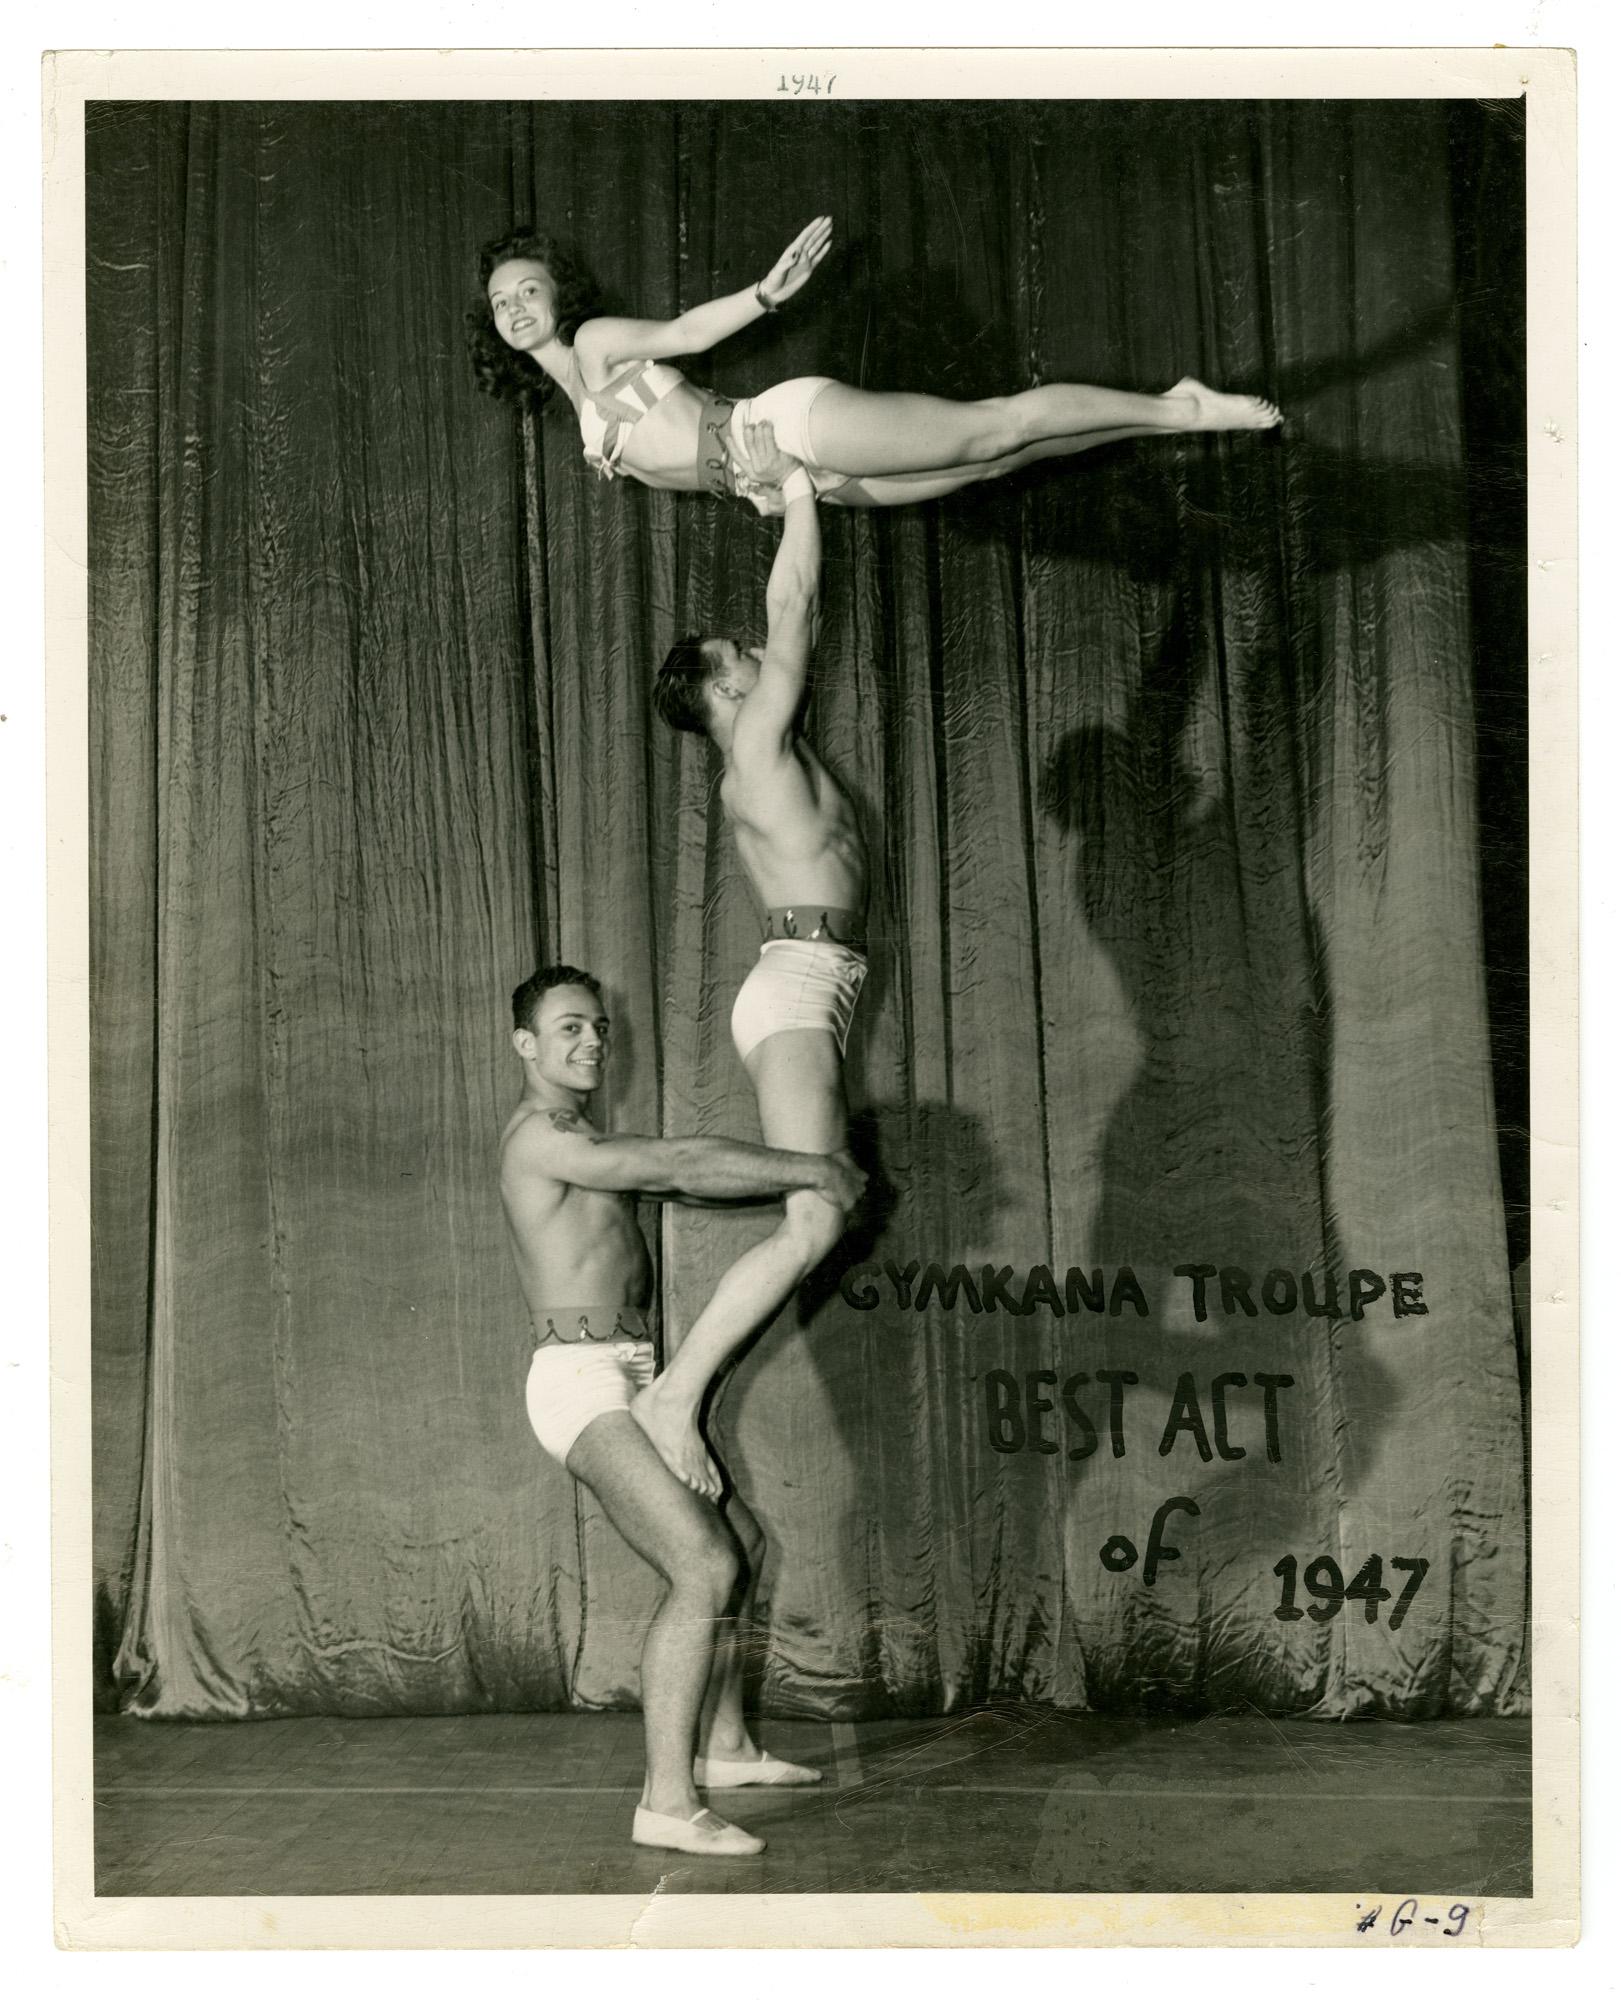 1947 - Mixed Triples Balancing